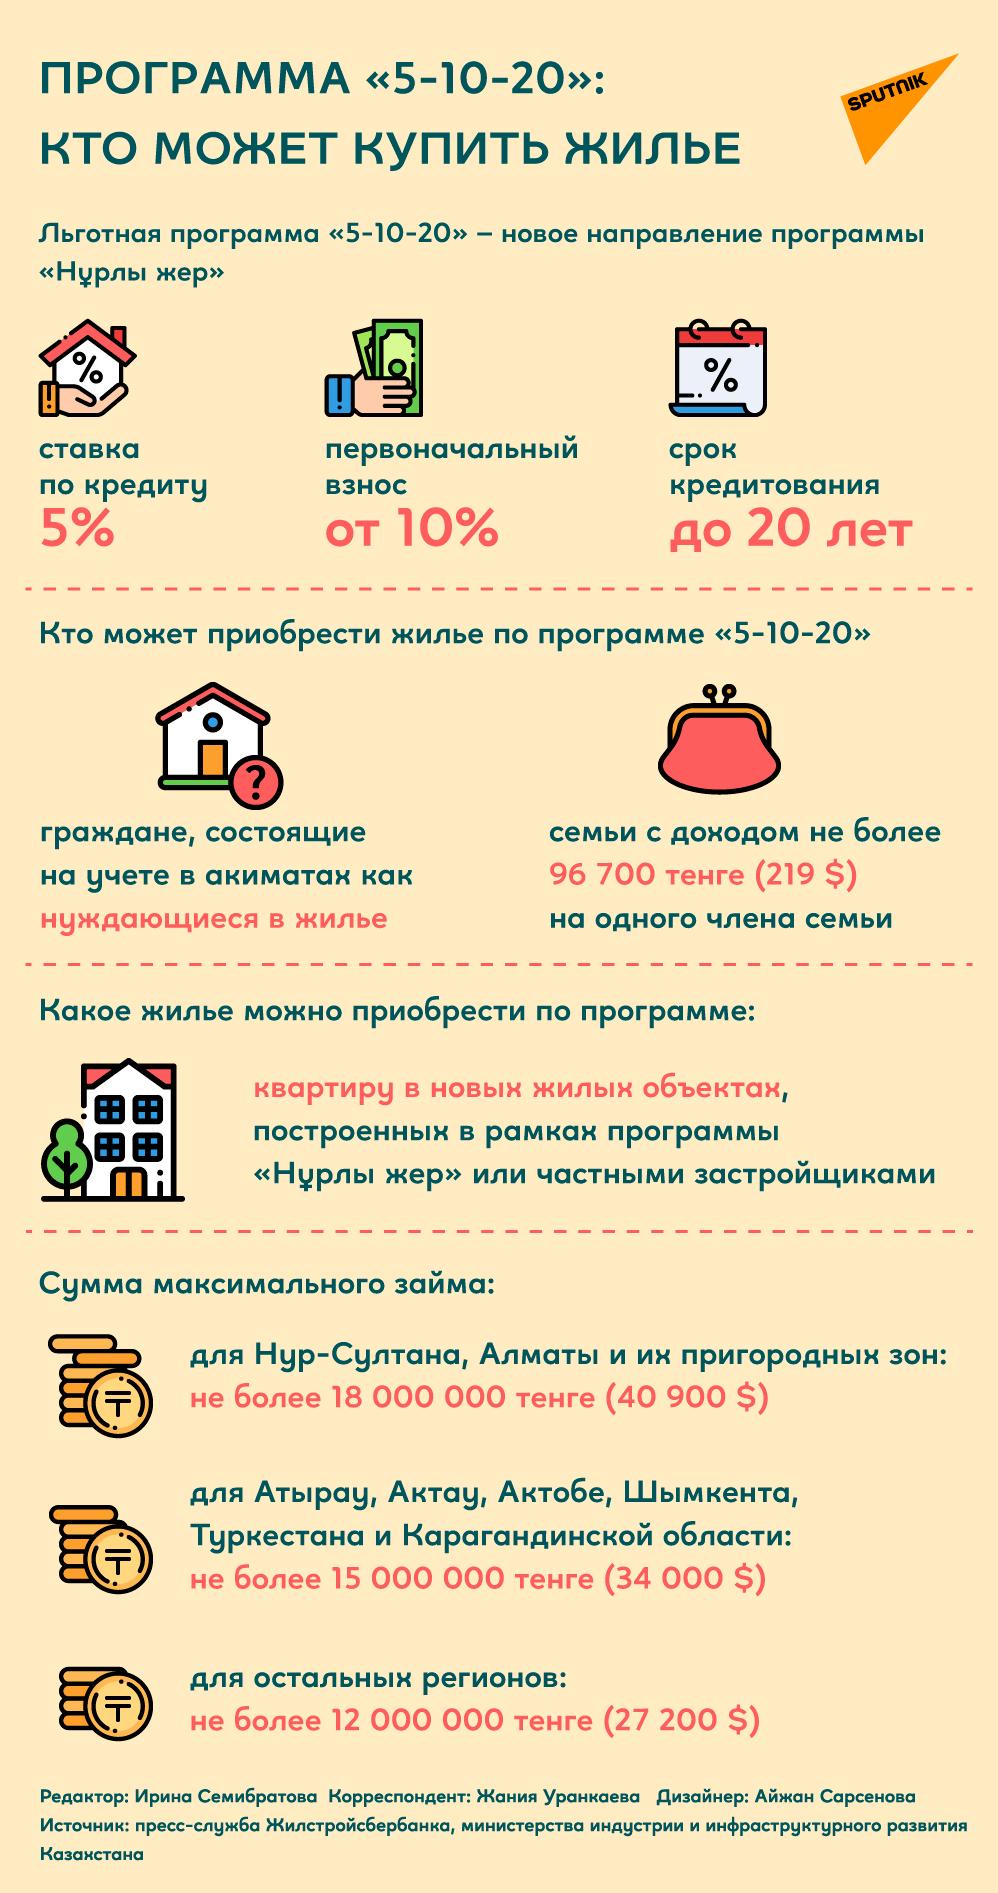 Как купить жилье по программе 5-10-20